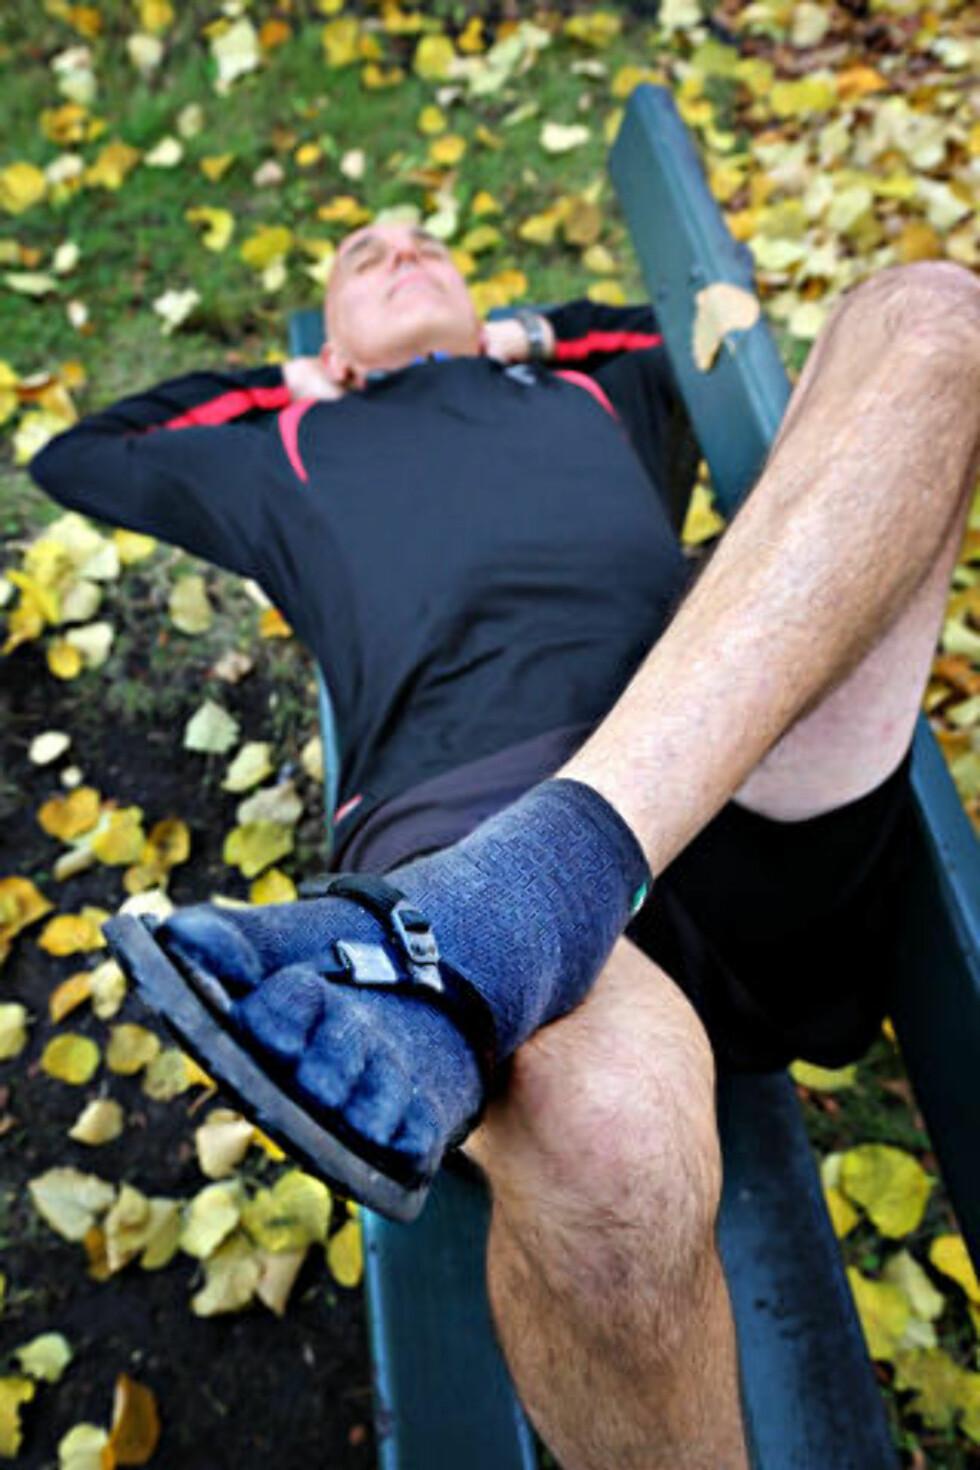 SANDALER: Christopher McDougalls løpesko er spesialkonstruert av en av de merkverdige skikkelsene som skildres i boka; Barefoot Ted. Foto: Jacques Hvistendahl